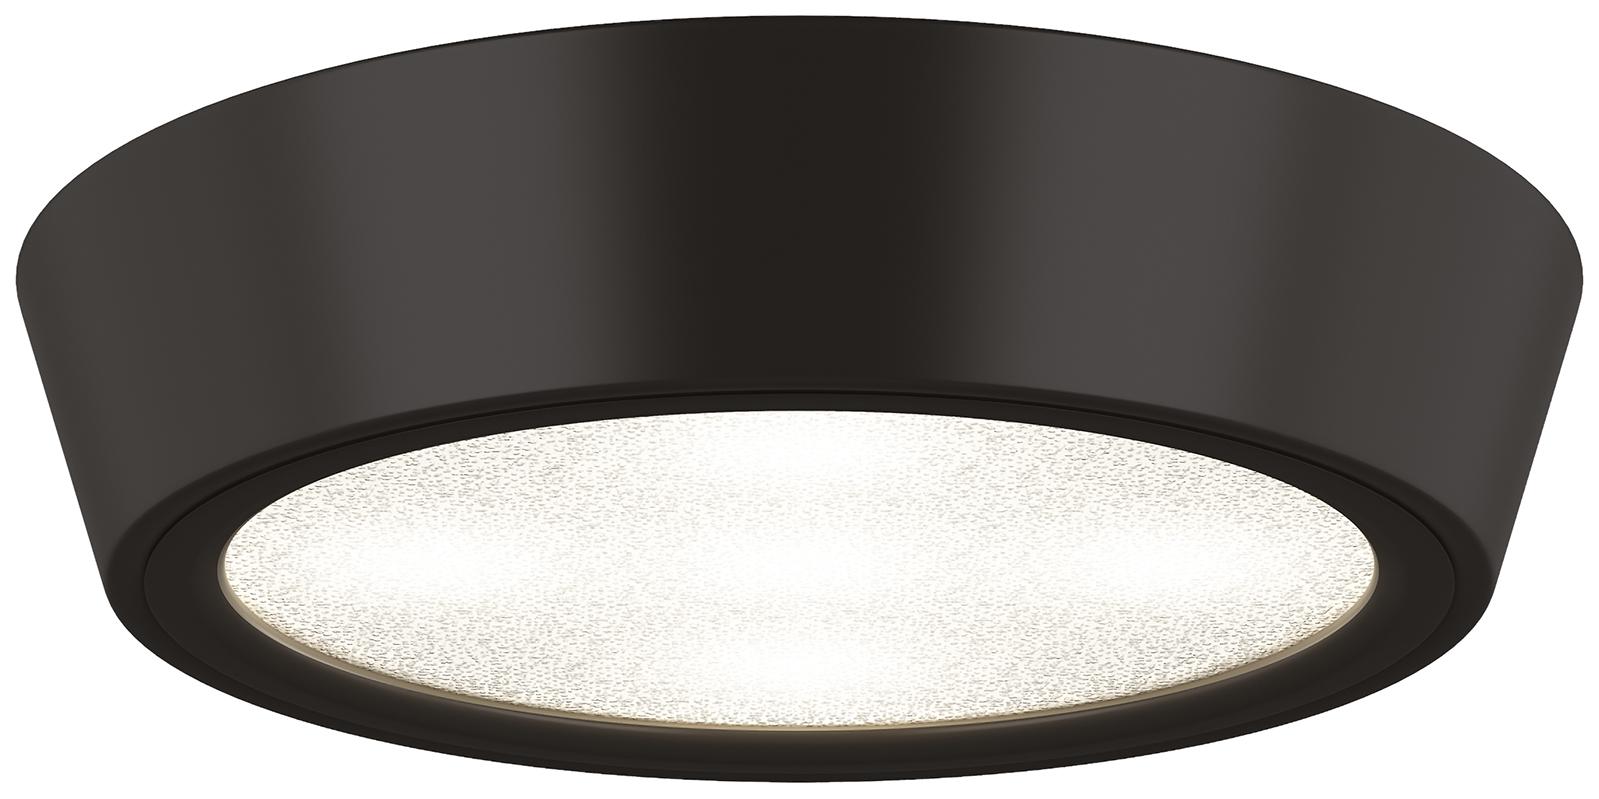 Светильник накладной влагозащищенный светодиодный Lightstar Urbano 214974 Черный